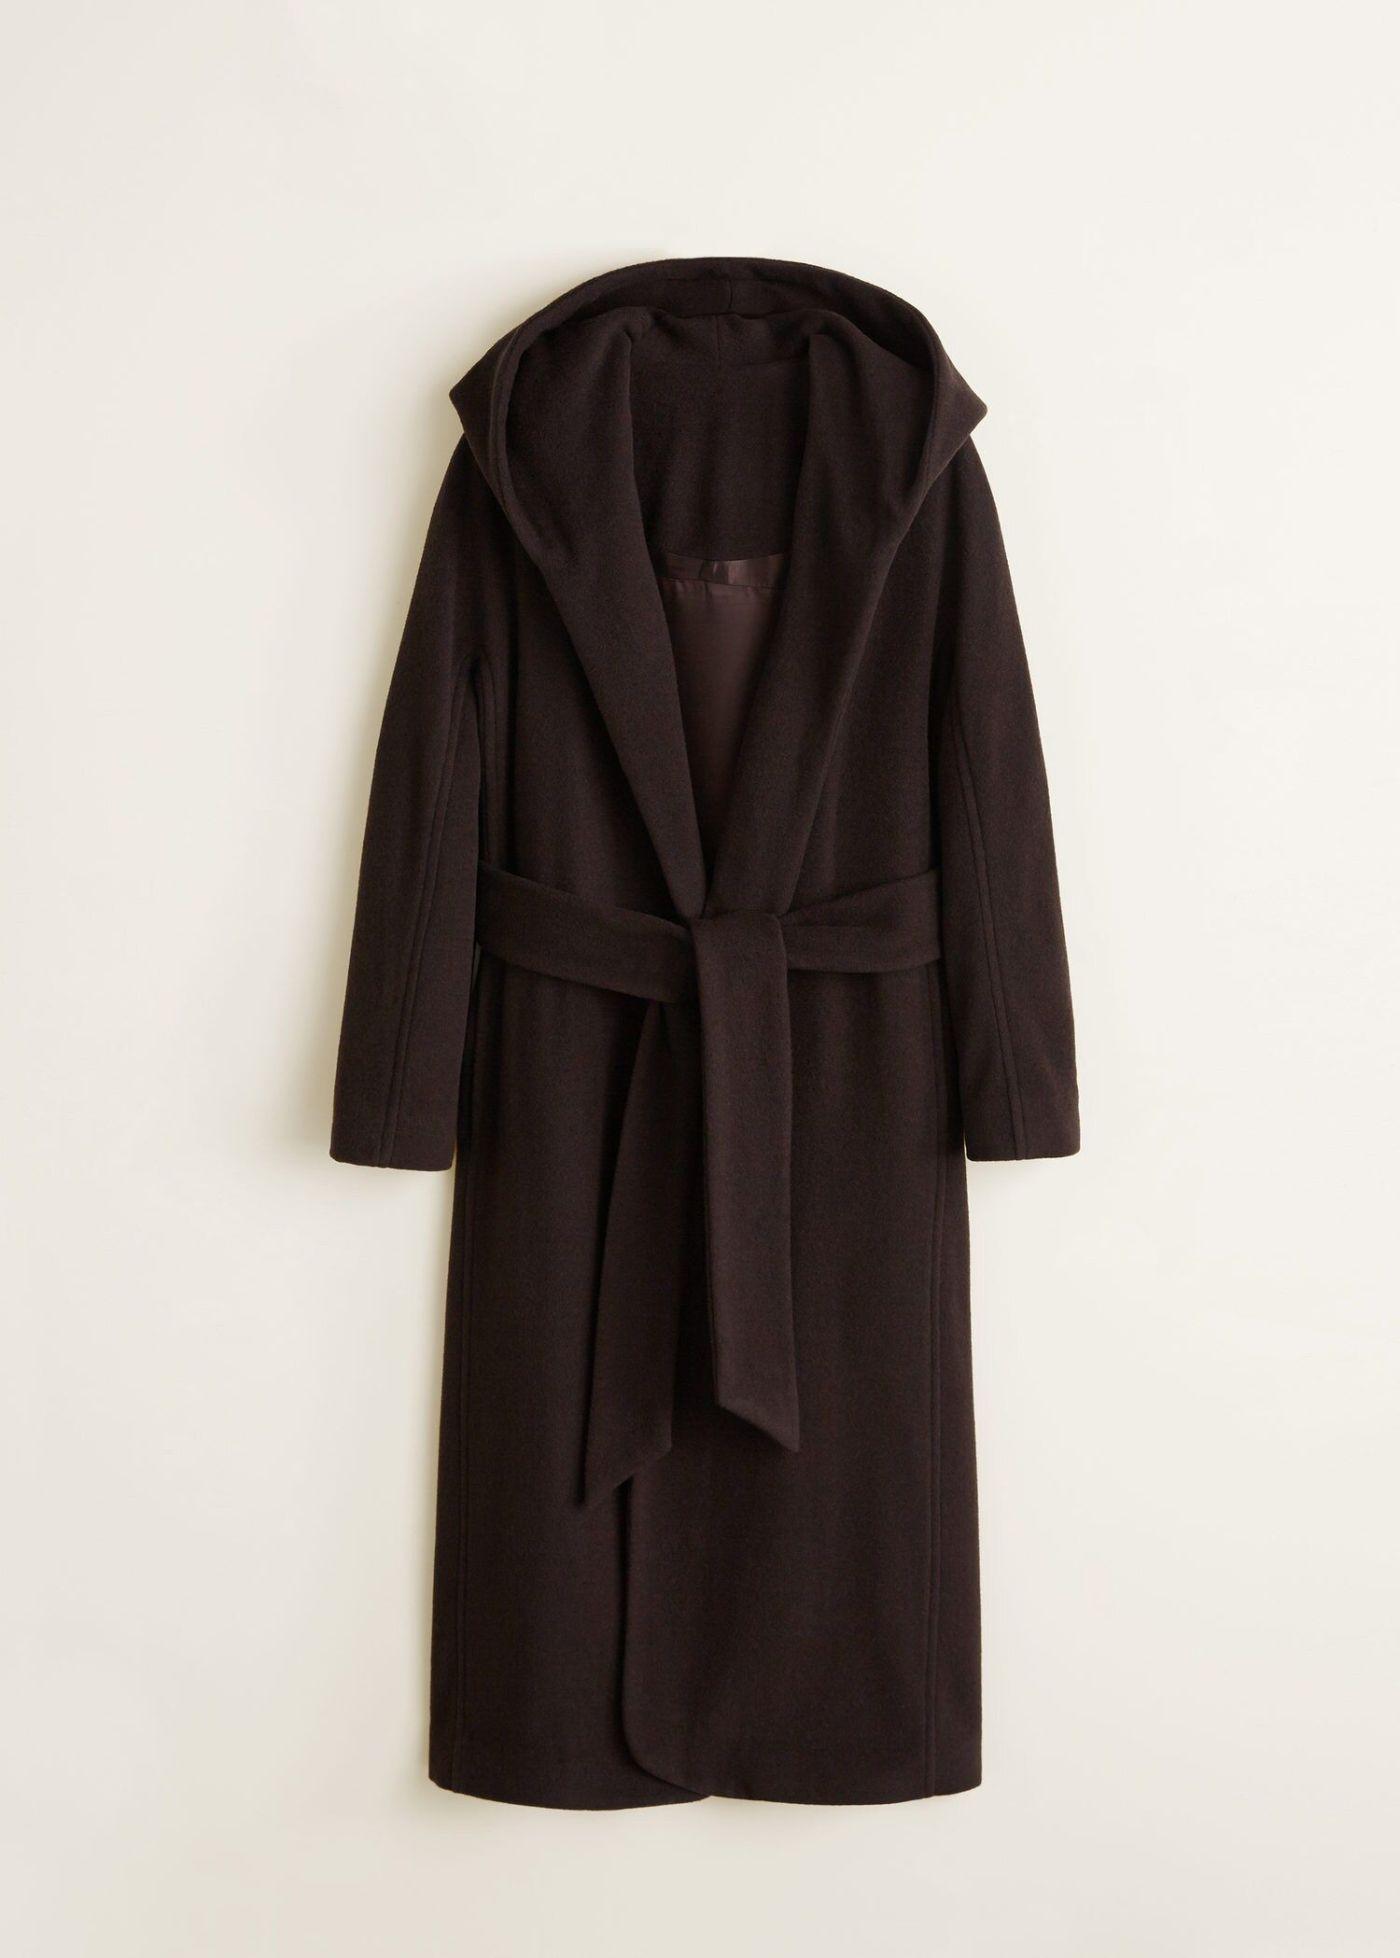 Abrigo largo de lana (149,99€), de Mango.